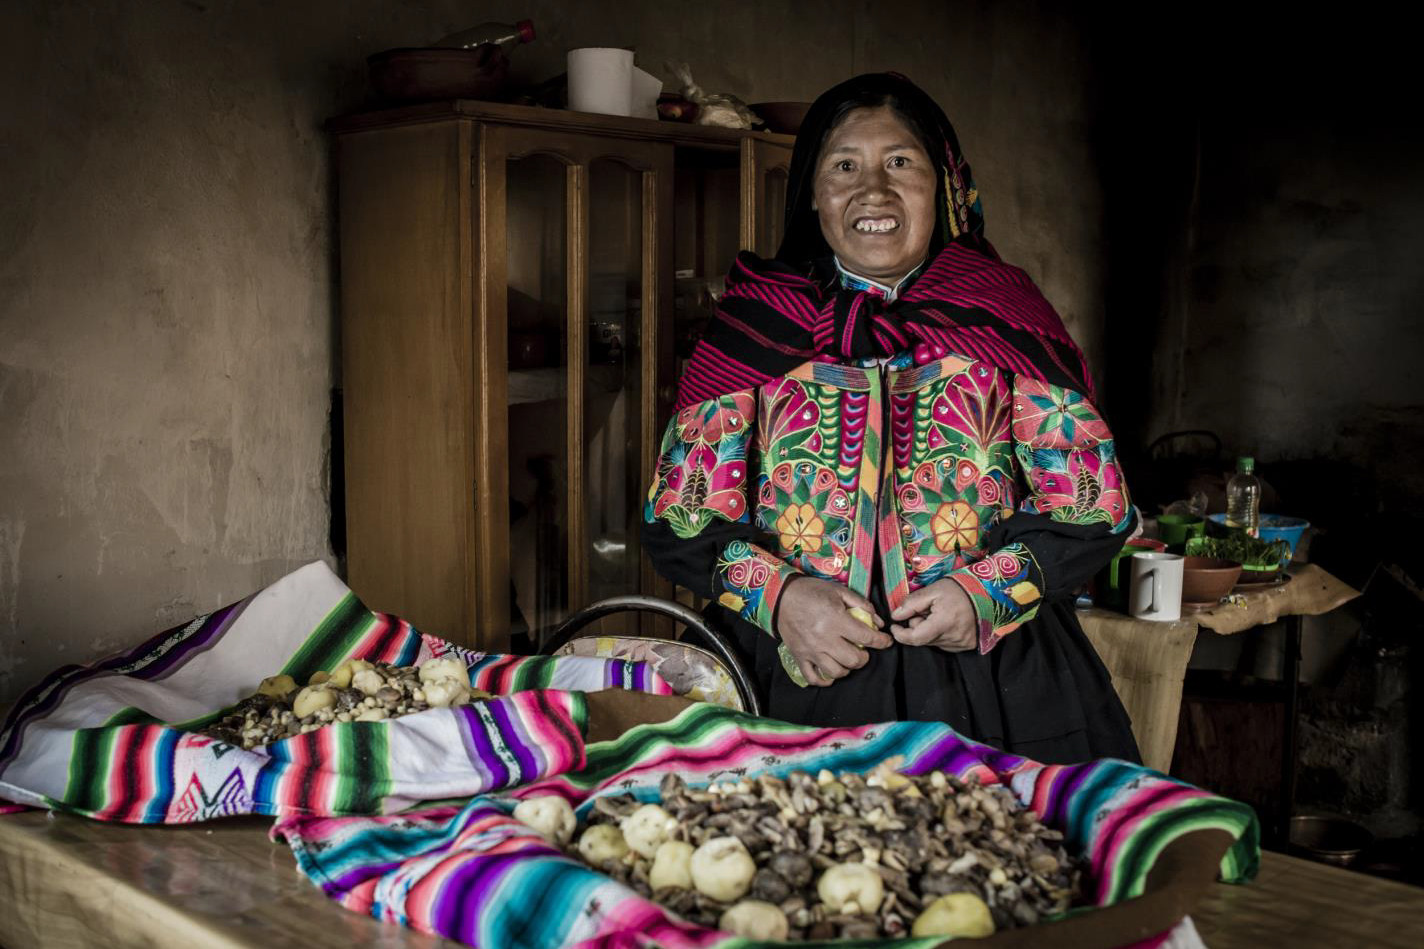 Señora MArgarita-Uriel Alexis Montúfar Butrón-Peru